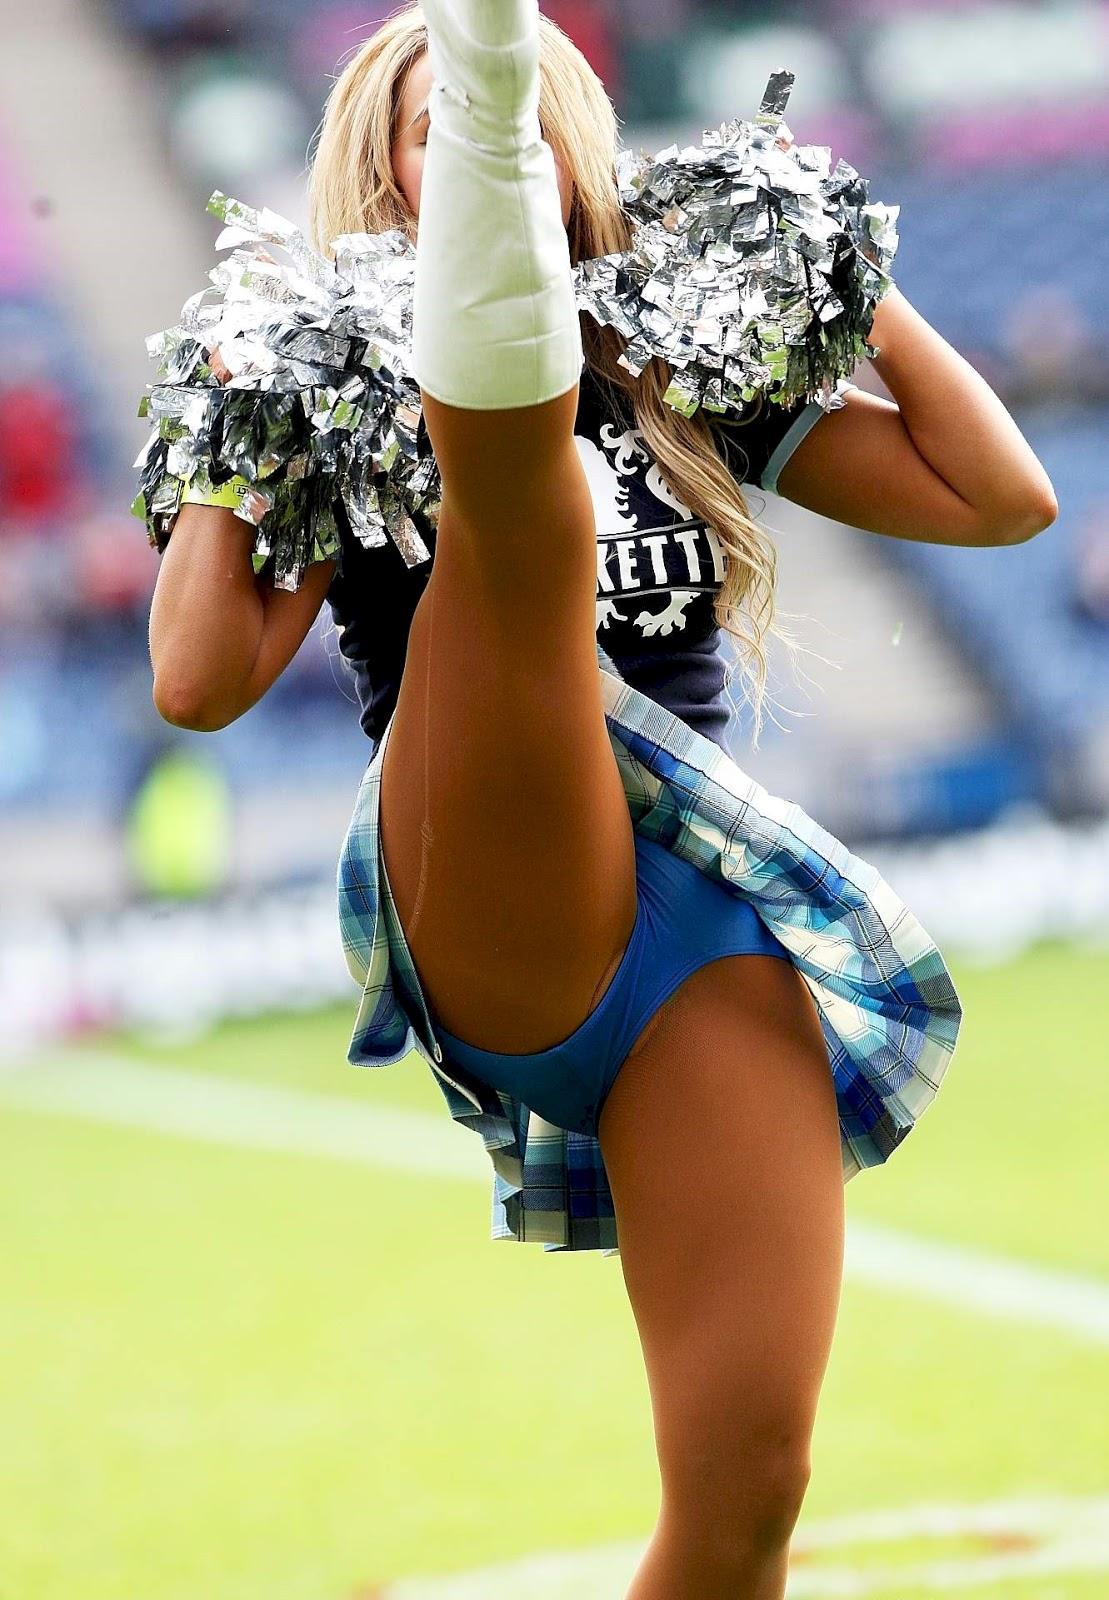 Cheerleaders upskirt